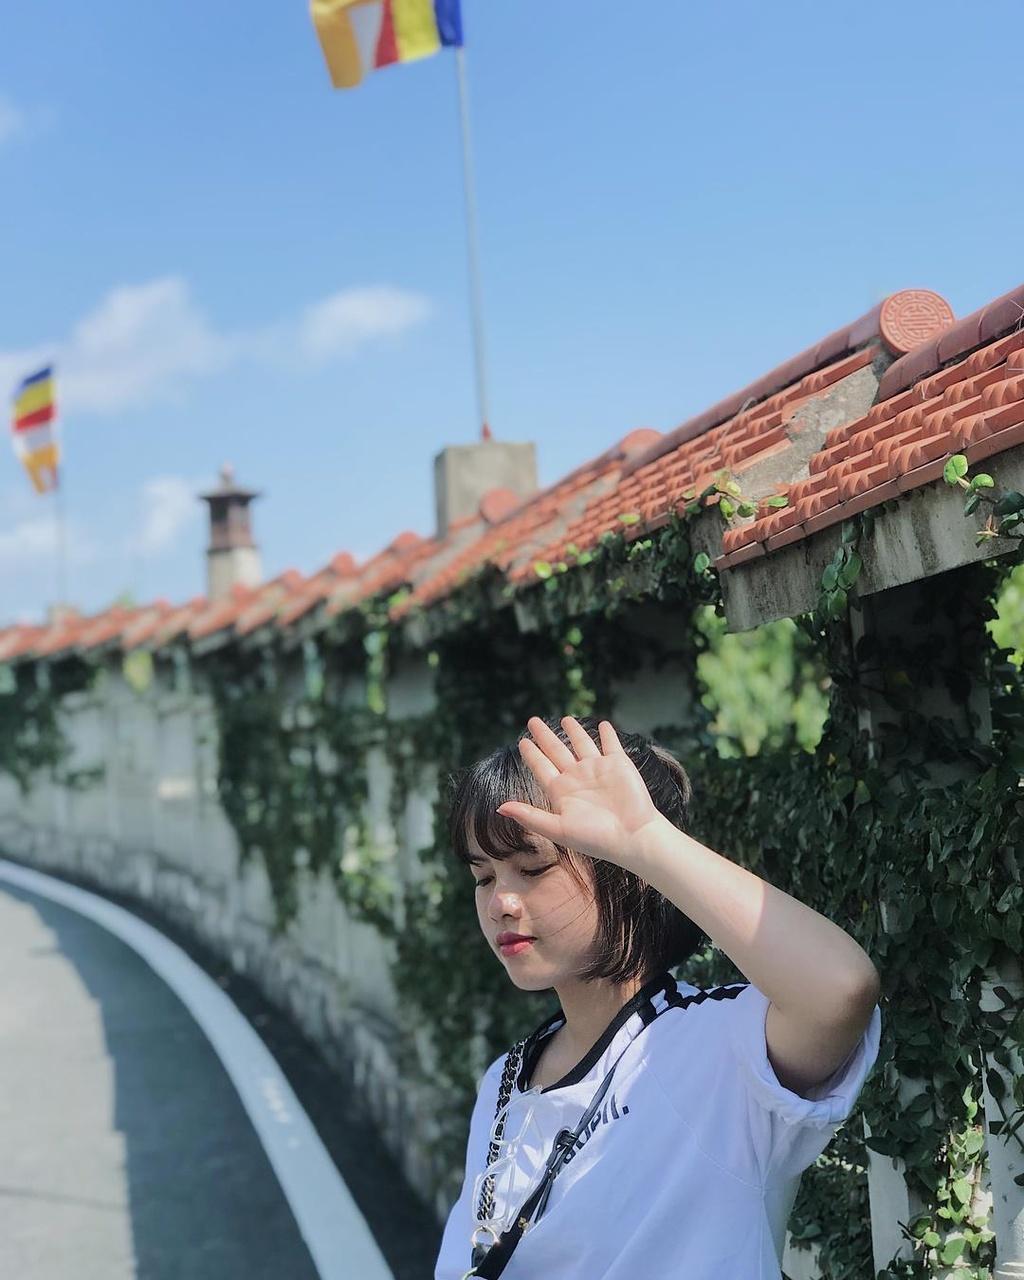 'Song Lung Khung Long' va cac noi dung vao la co anh dep o Quang Ninh hinh anh 15